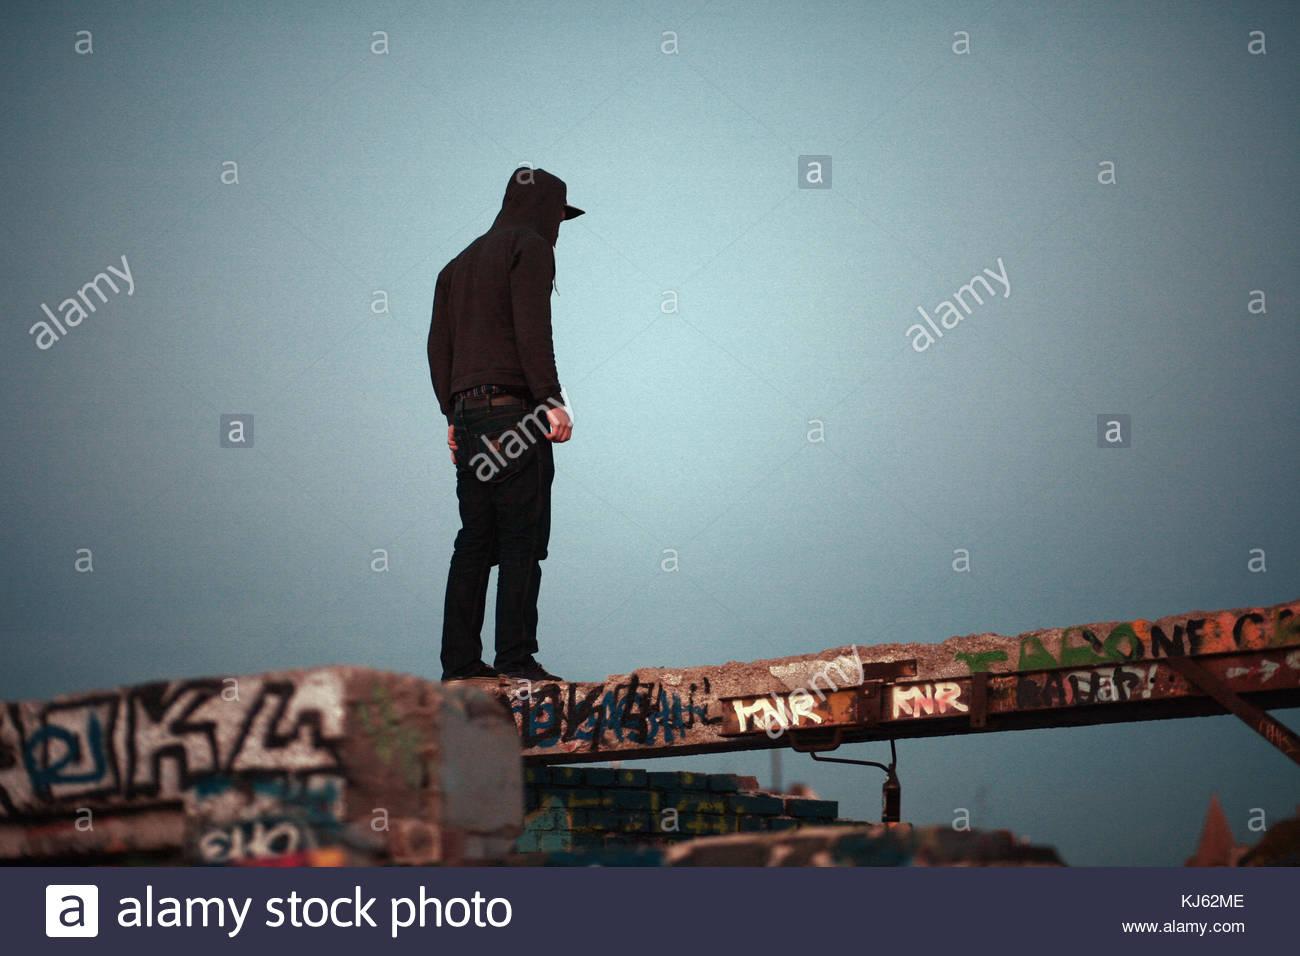 L'homme des jeunes adultes sur le graffiti à pied Photo Stock